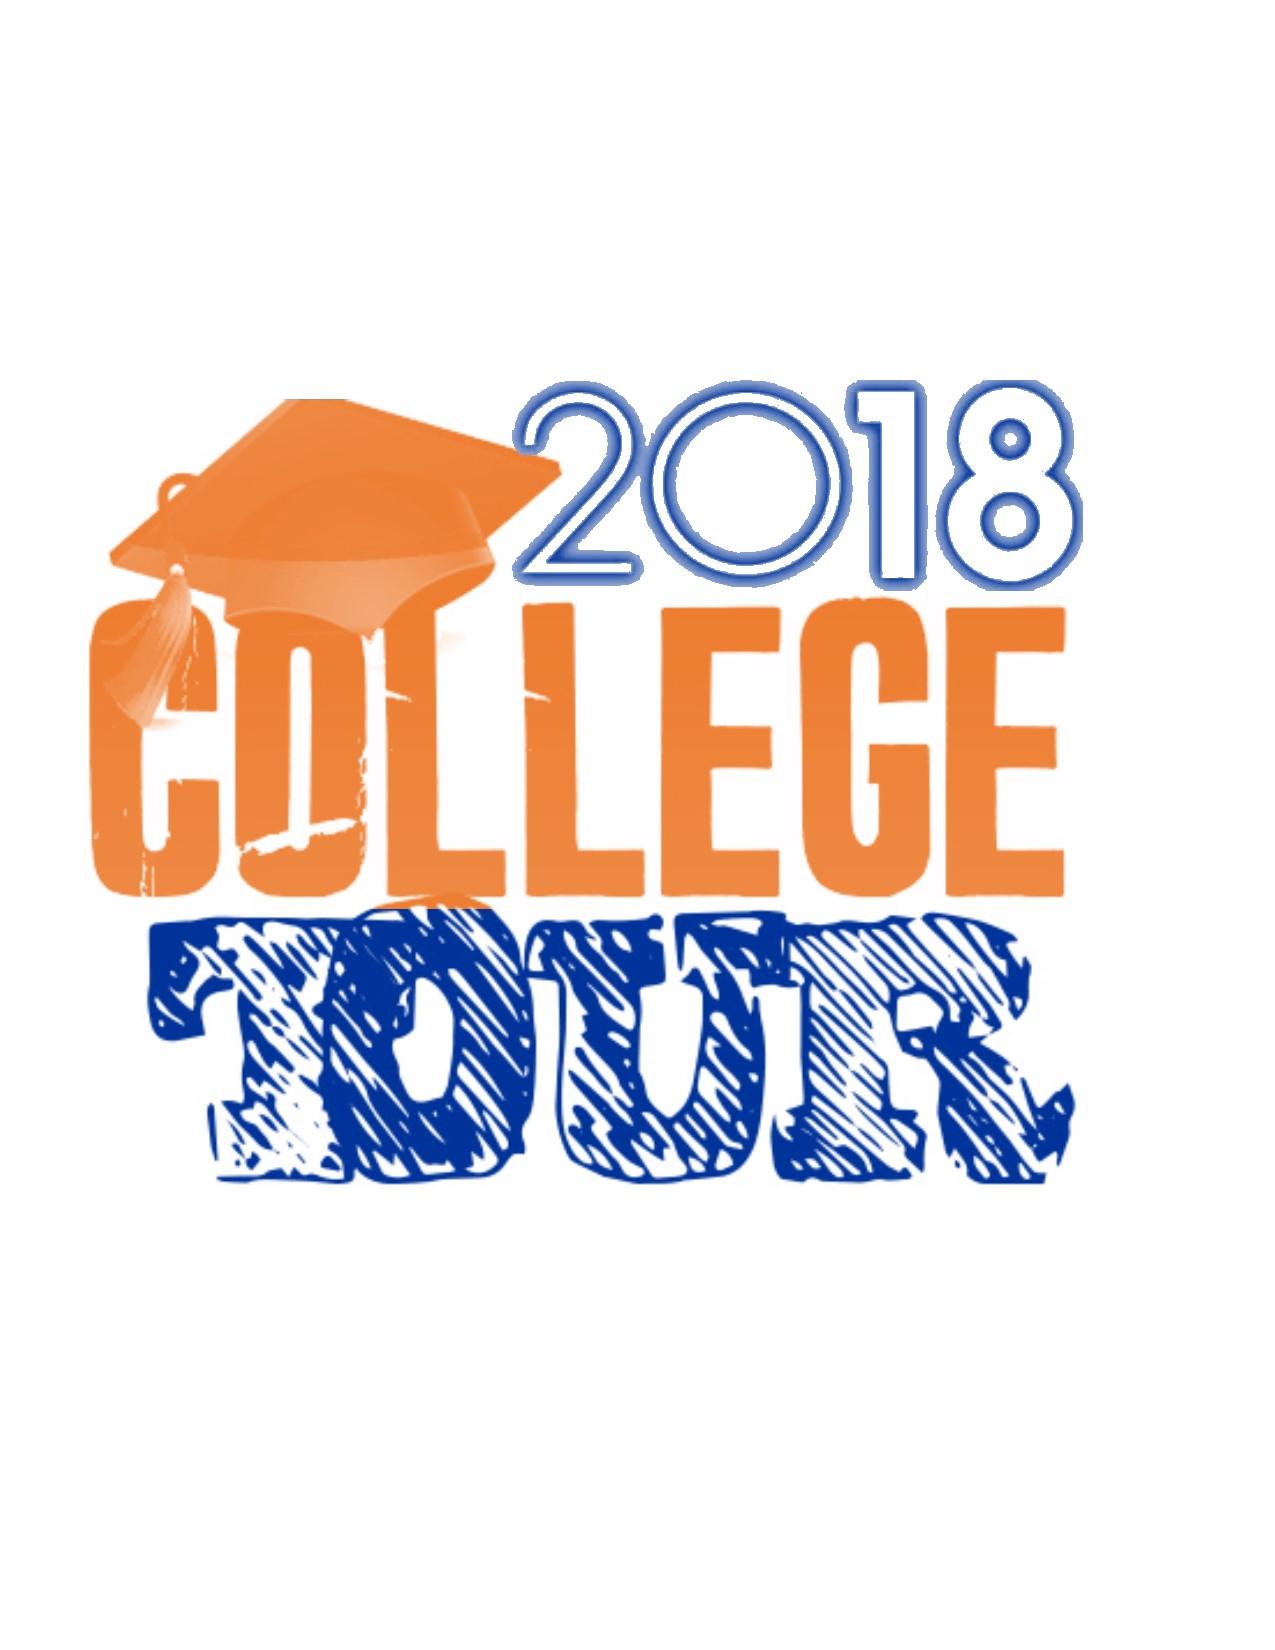 2018 College Tour Regarding Morgan State University Spring Break